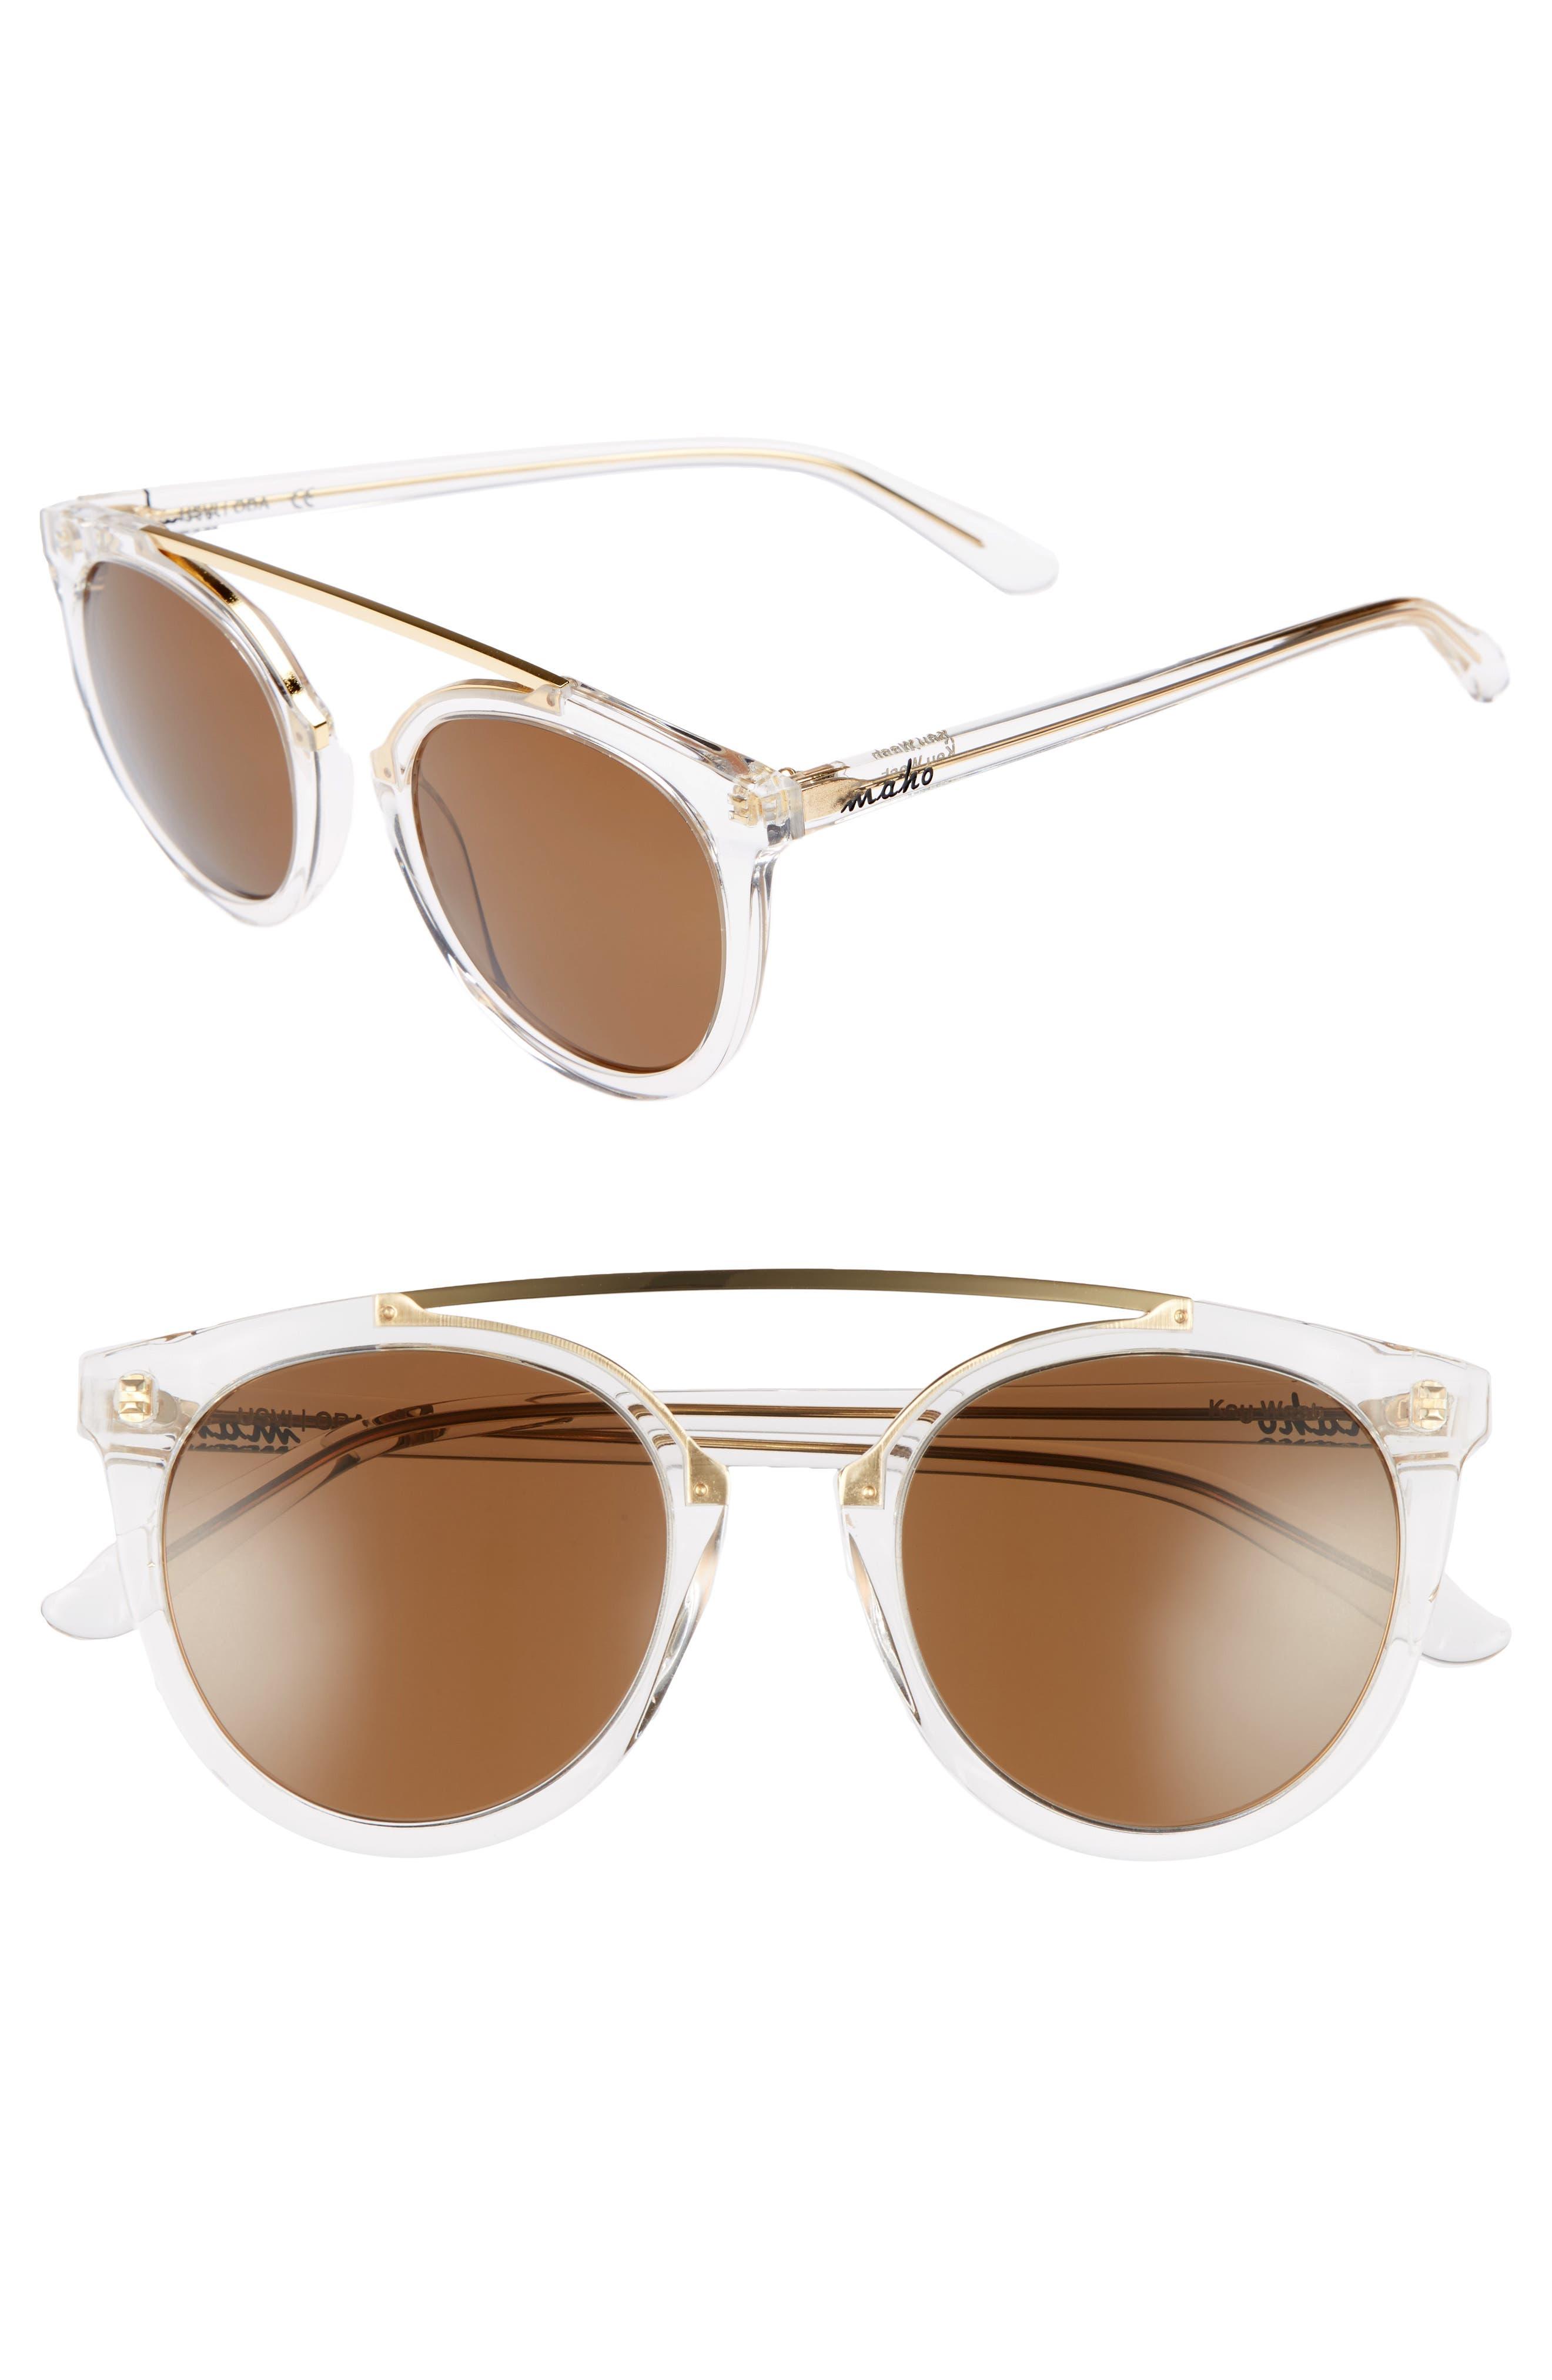 Alternate Image 1 Selected - Maho Key West 50mm Polarized Aviator Sunglasses